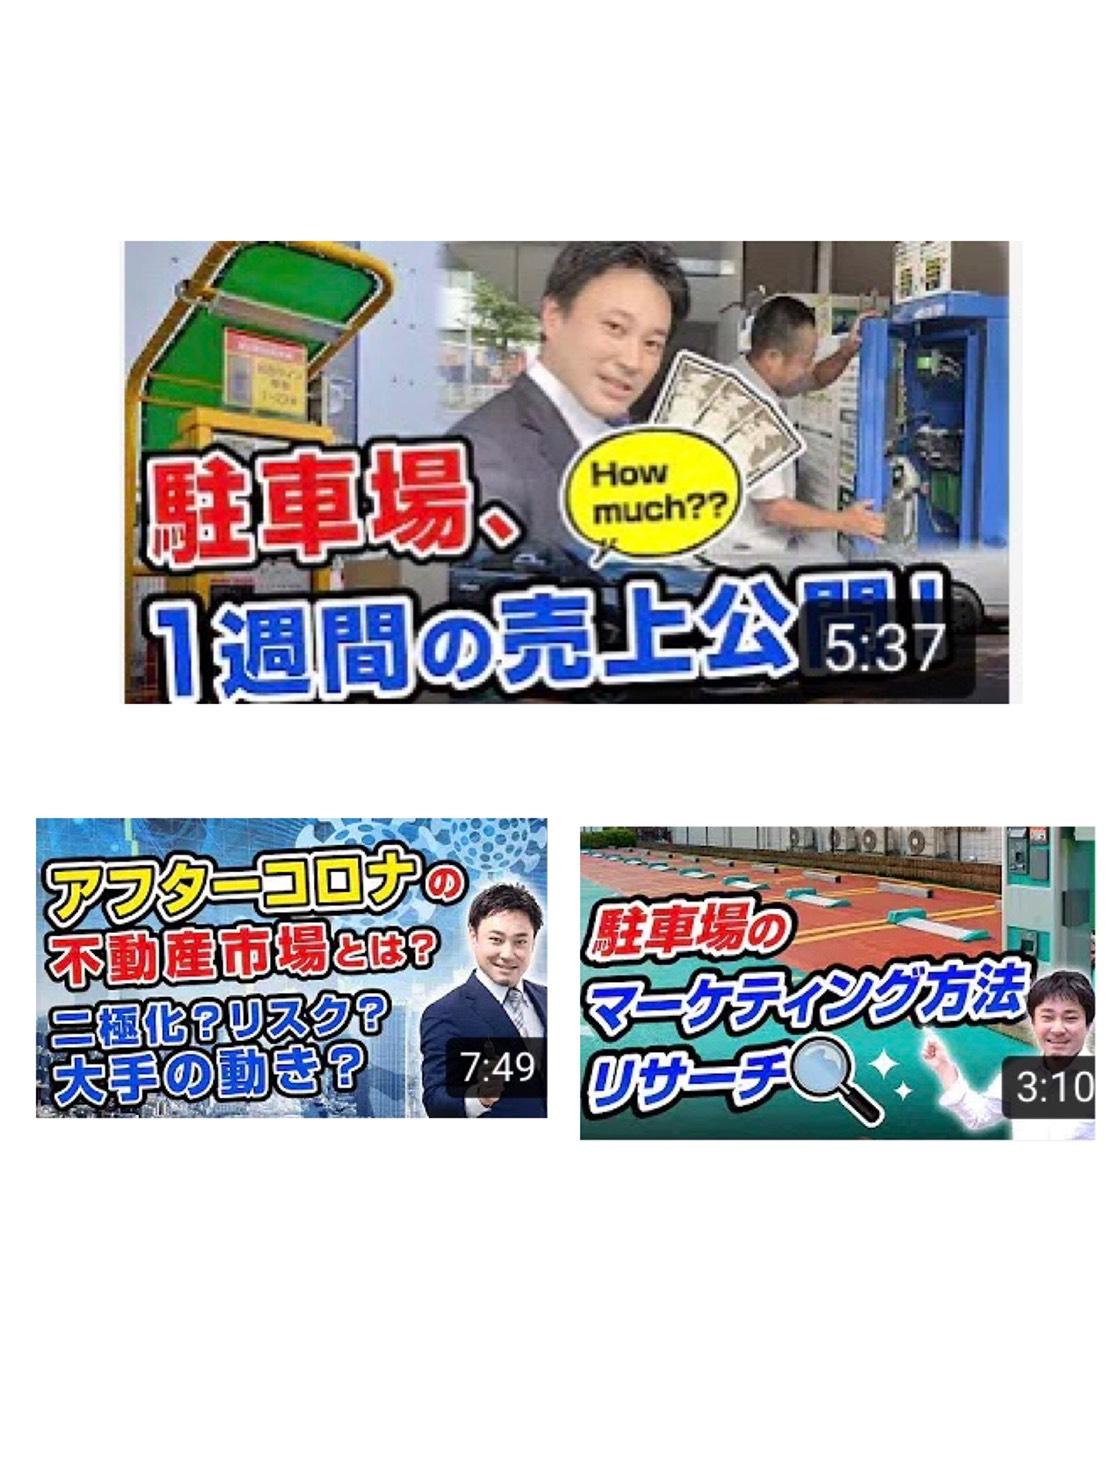 不動産オーナー経営学院REIBS学長横山篤司アフターコロナ、駐車場経営Youtube